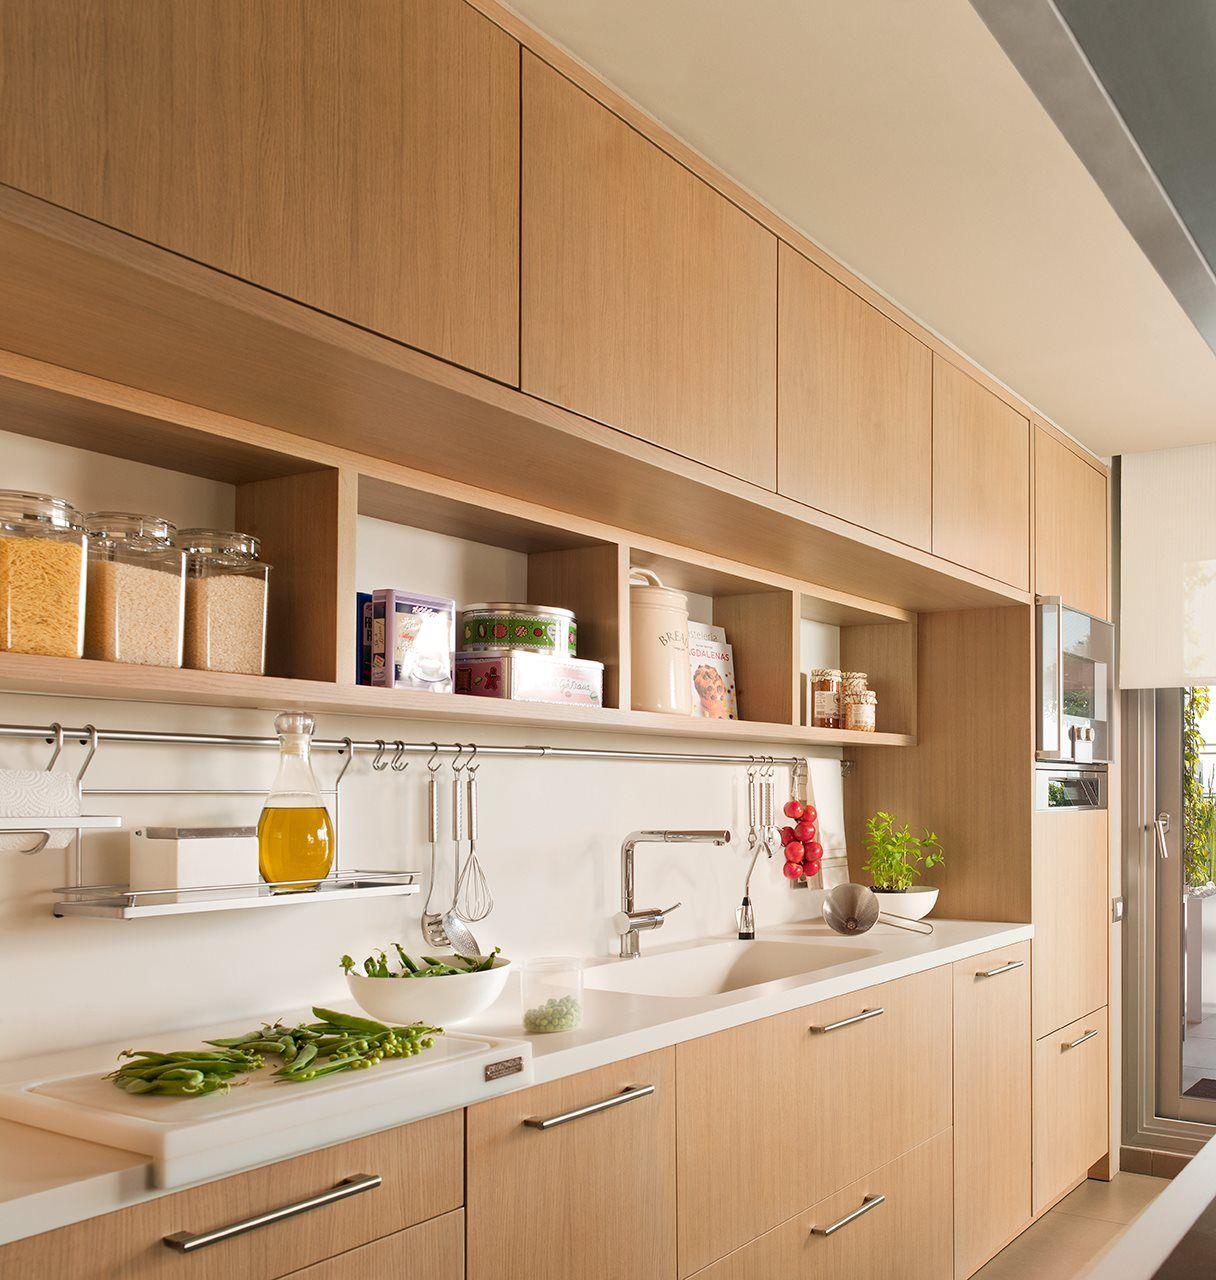 10 cocinas peque as con maxi ideas techos de madera for Cocinas de madera pequenas